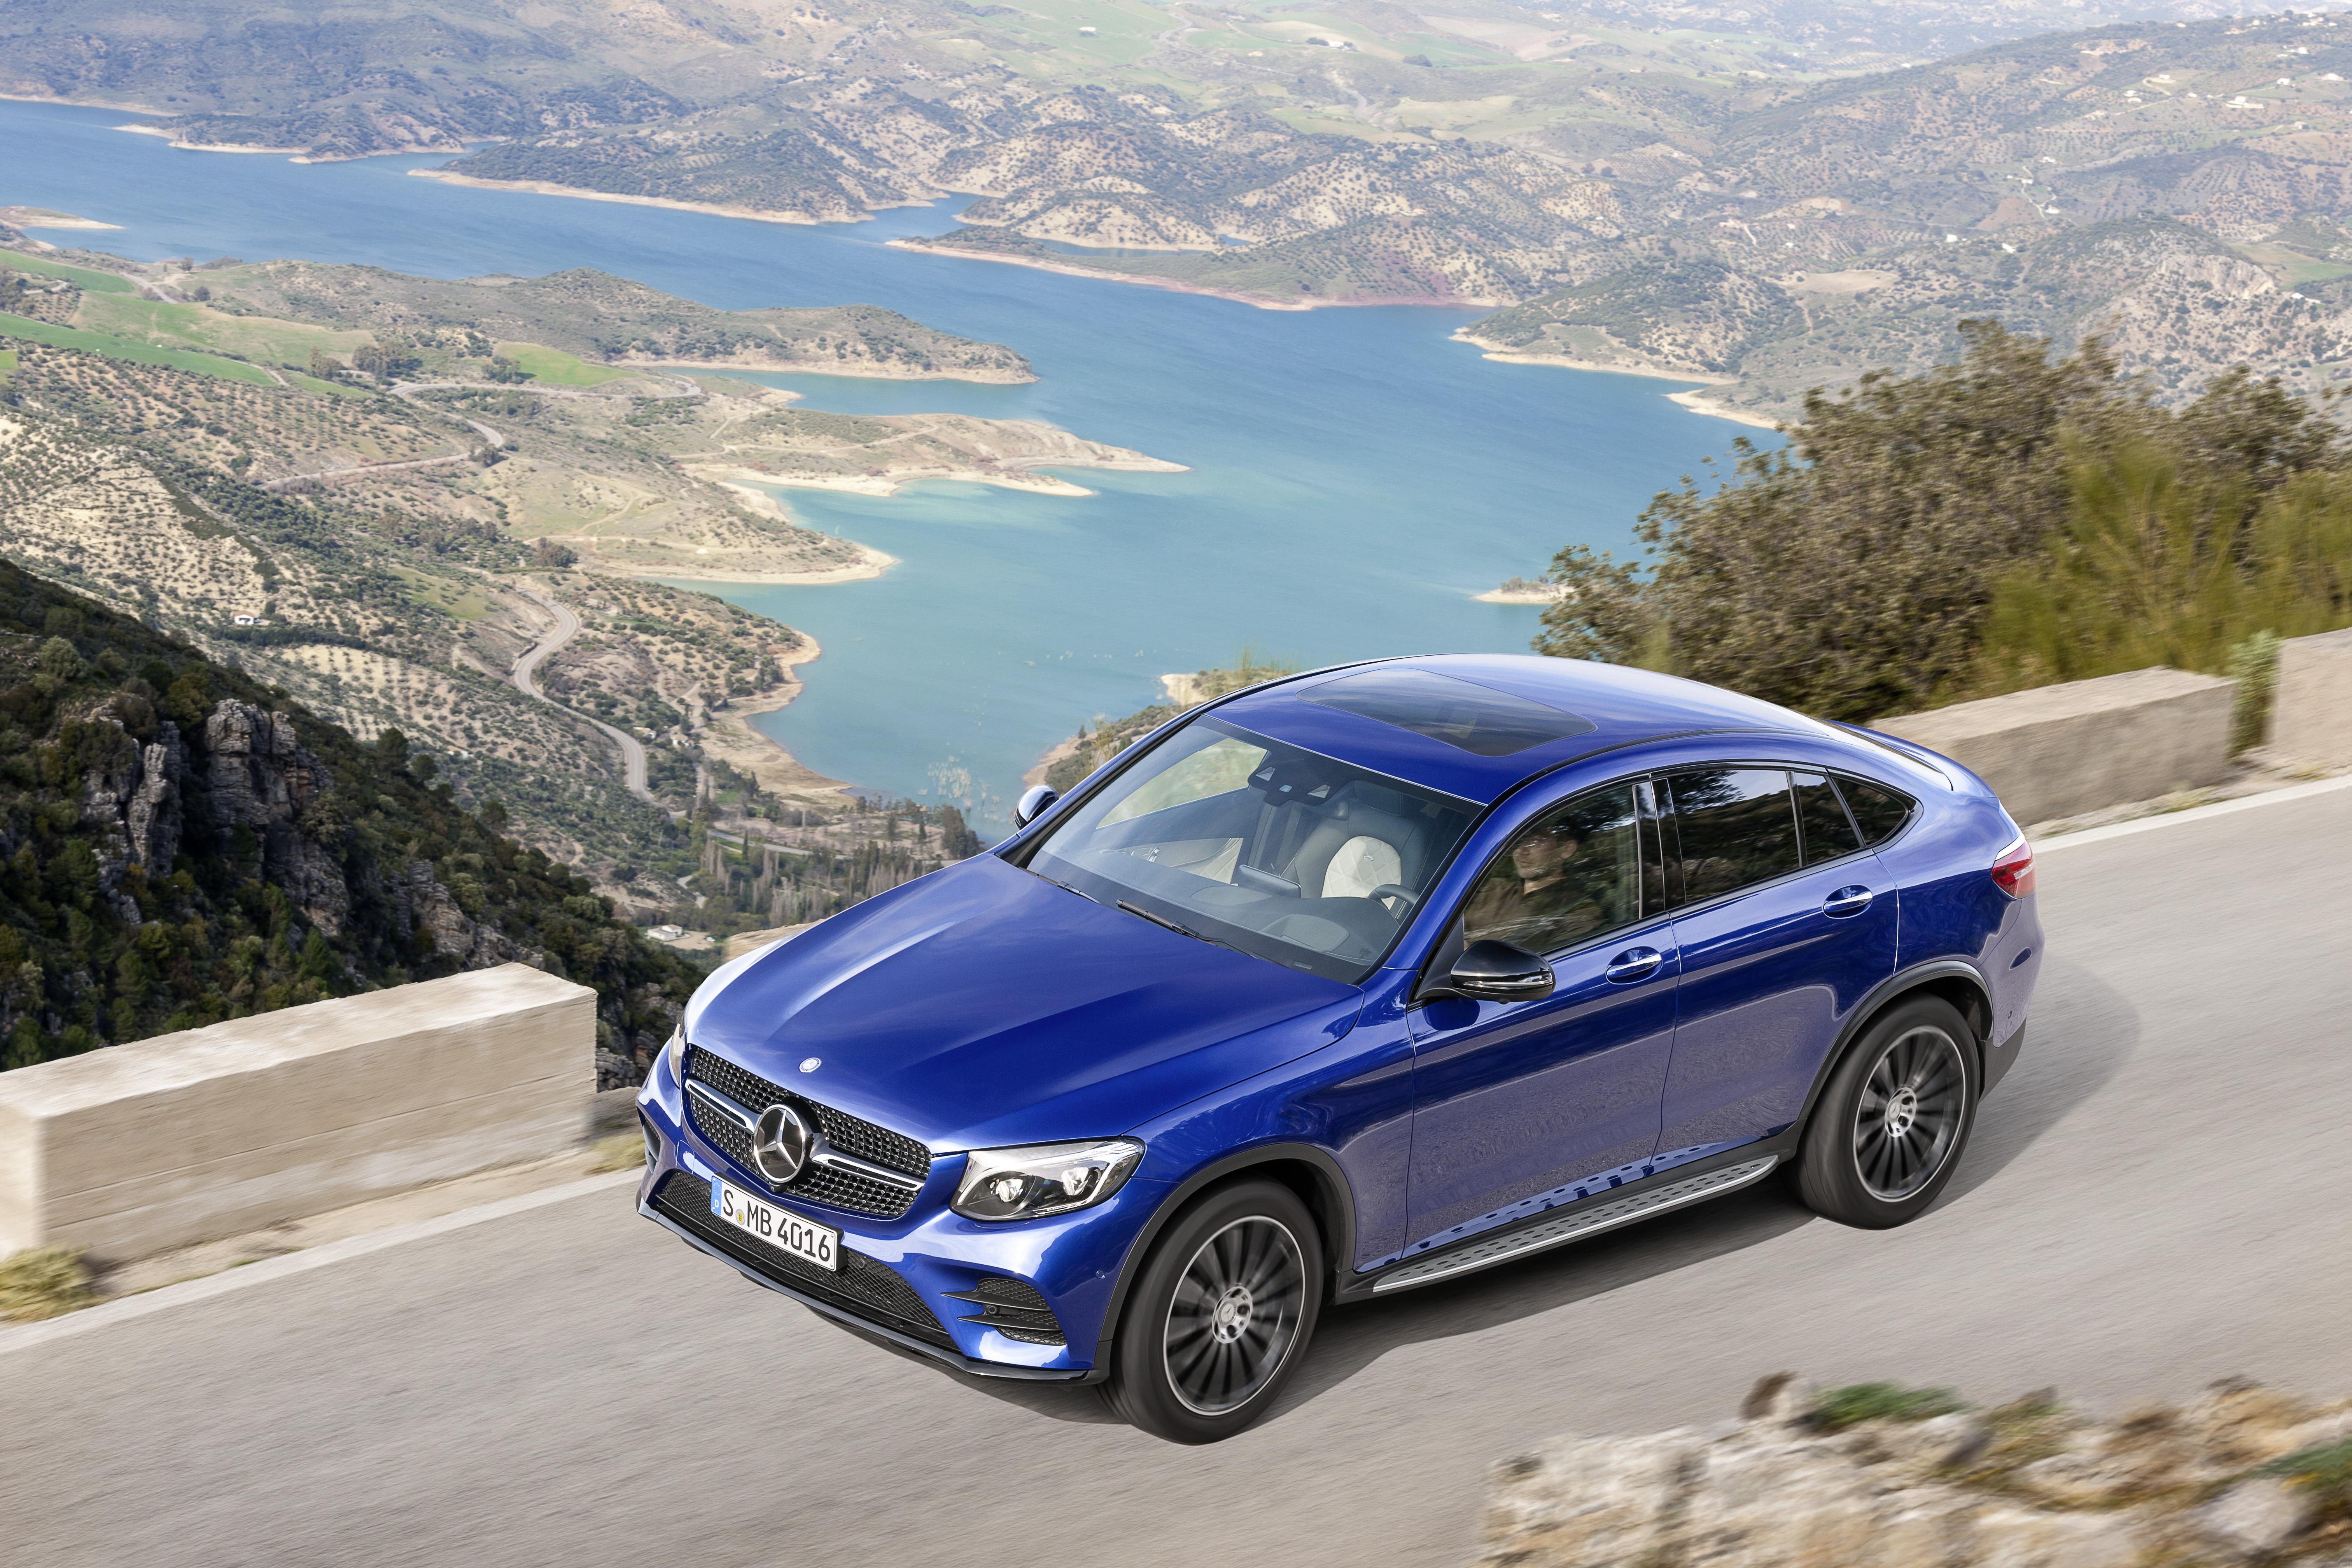 При габаритной длине 4,73 м, высоте 1,60 м и колёсной базе 2,87 м купе GLC выглядит динамично-компактным. Фото Mercedes